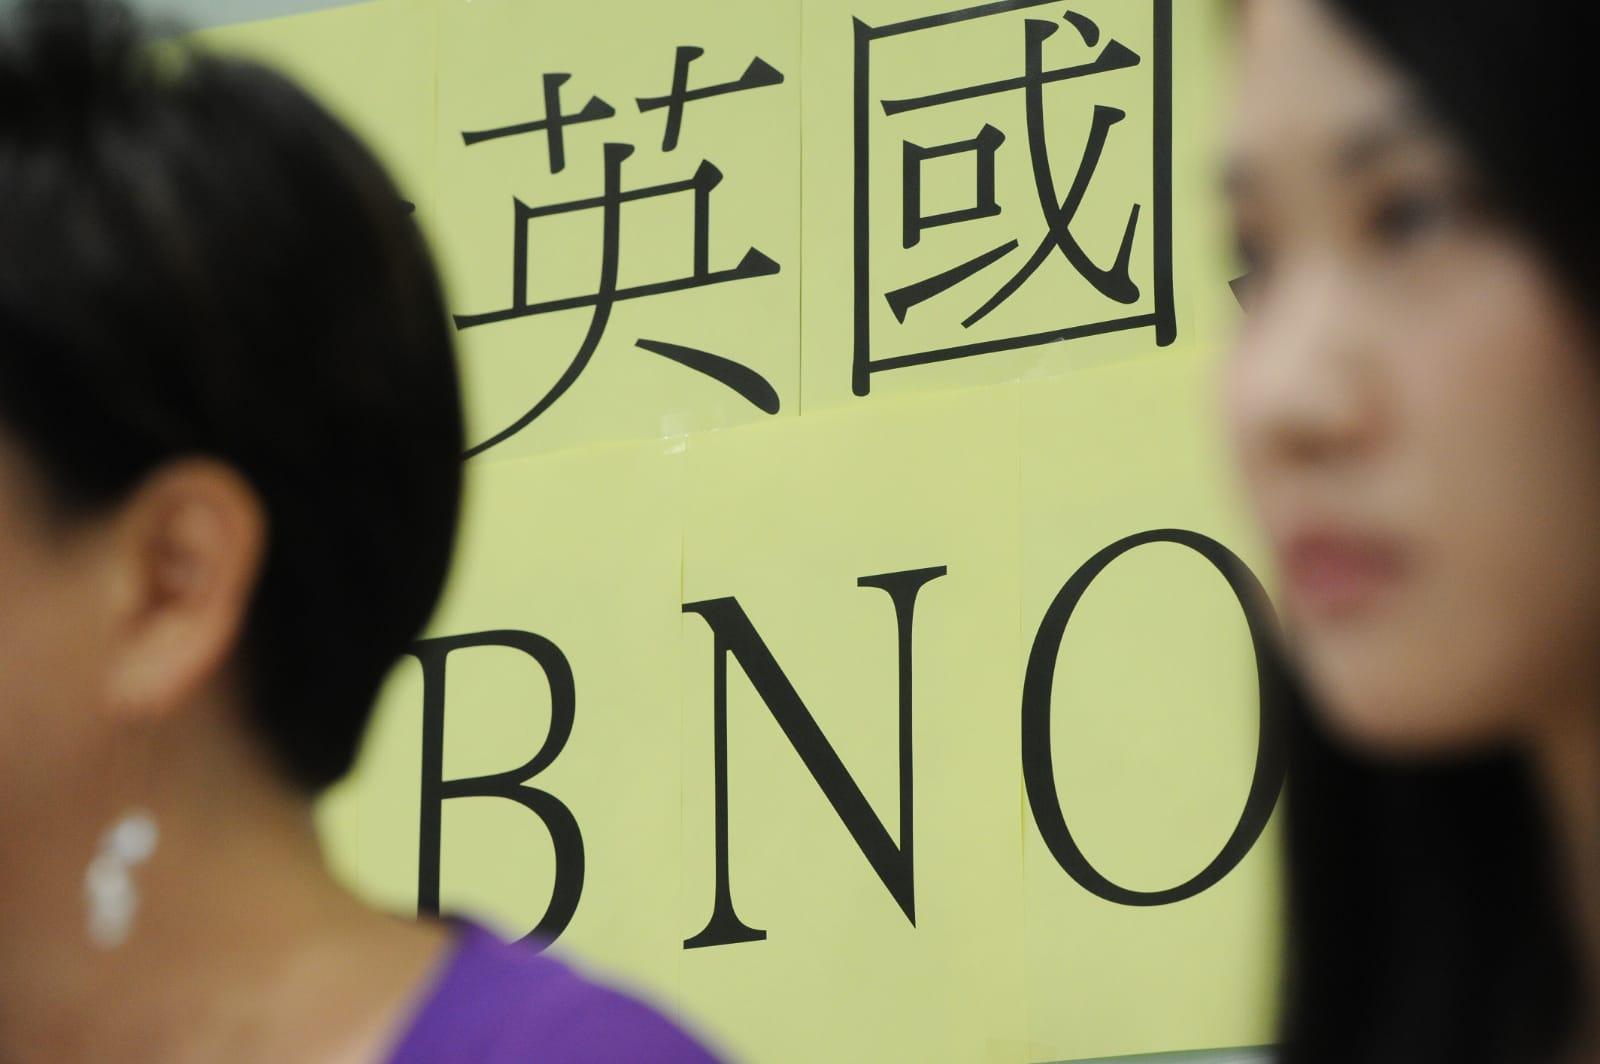 民主黨國際事務委員會主席劉慧卿表示,民主黨已因此去信英國政府,希望英國政府正視香港BNO持有人的訴求。(宋碧龍/大紀元)